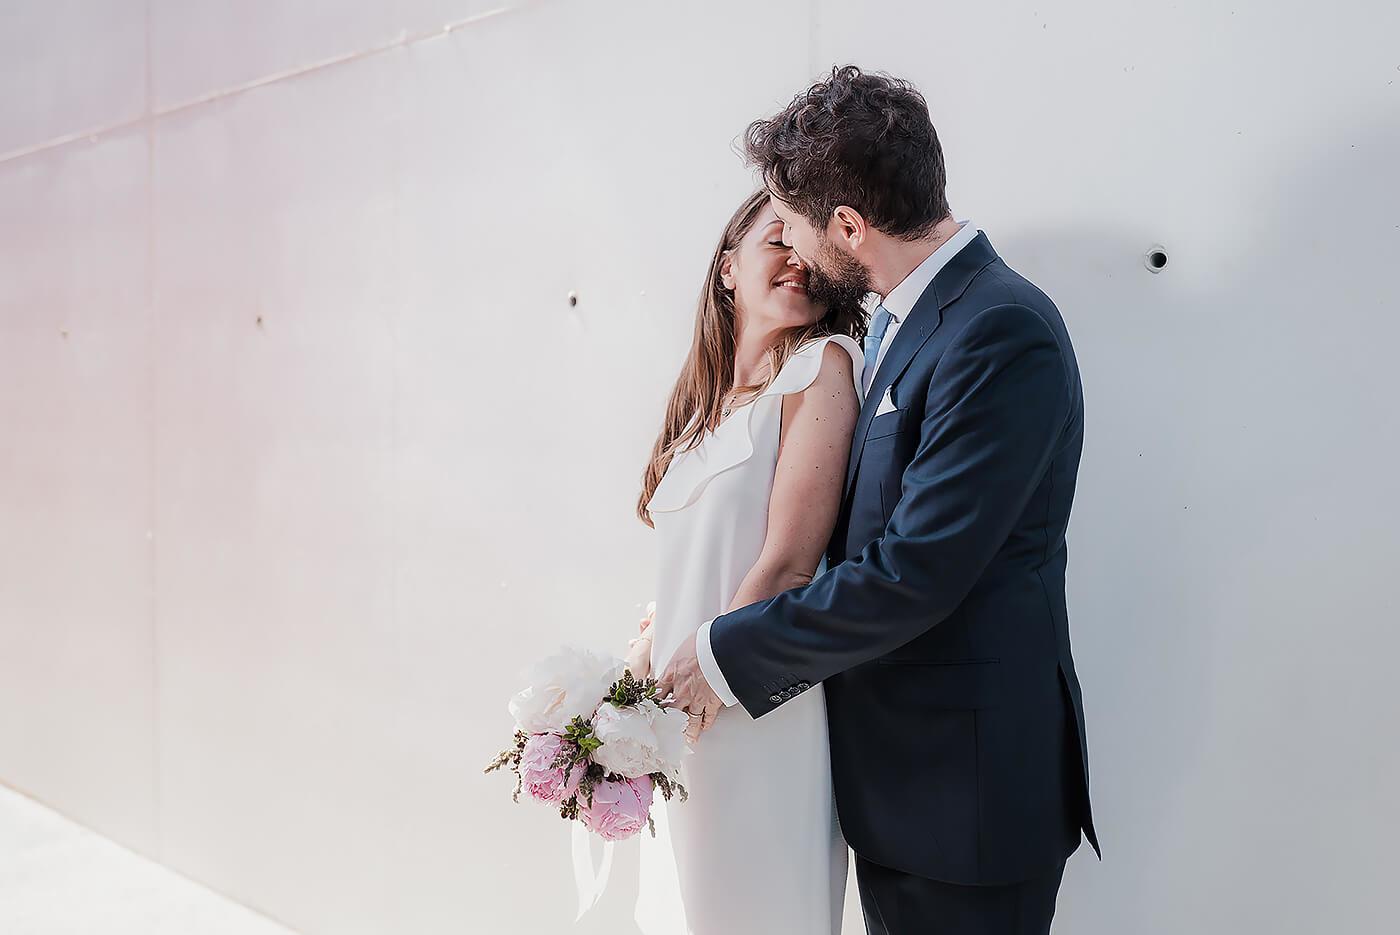 Domande per la scelta del fotografo di matrimonio sposi durante servizio fotografico di Francesco Matturro